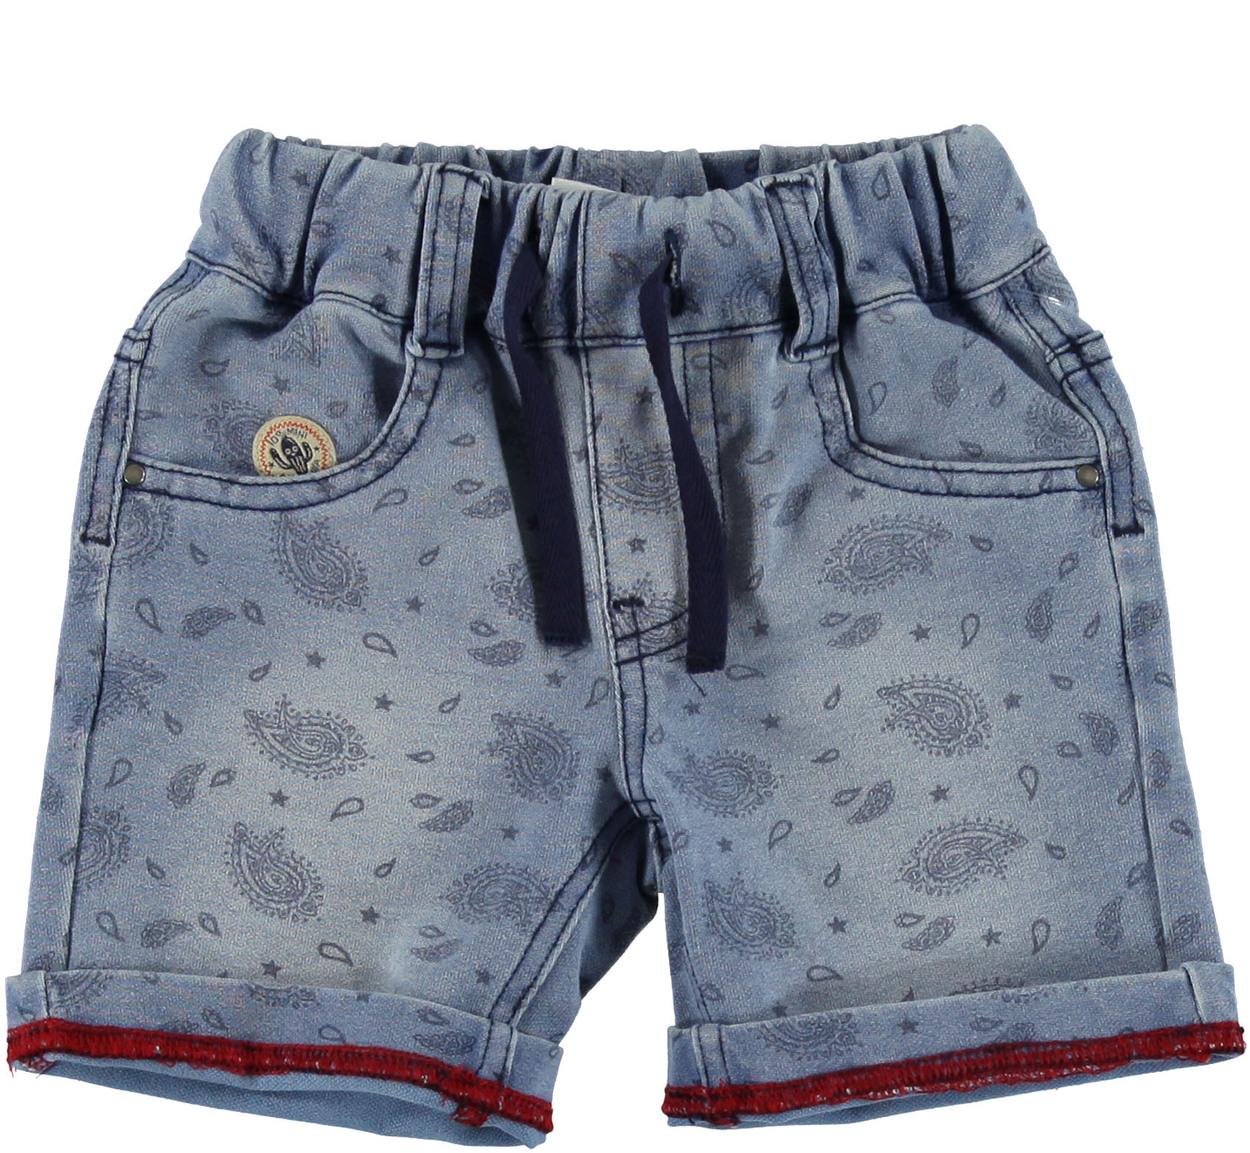 Pantaloncino corto con stampa fantasia cachemire per neonato da 0 a 18 mesi  iDO 2b656fe2aaf1